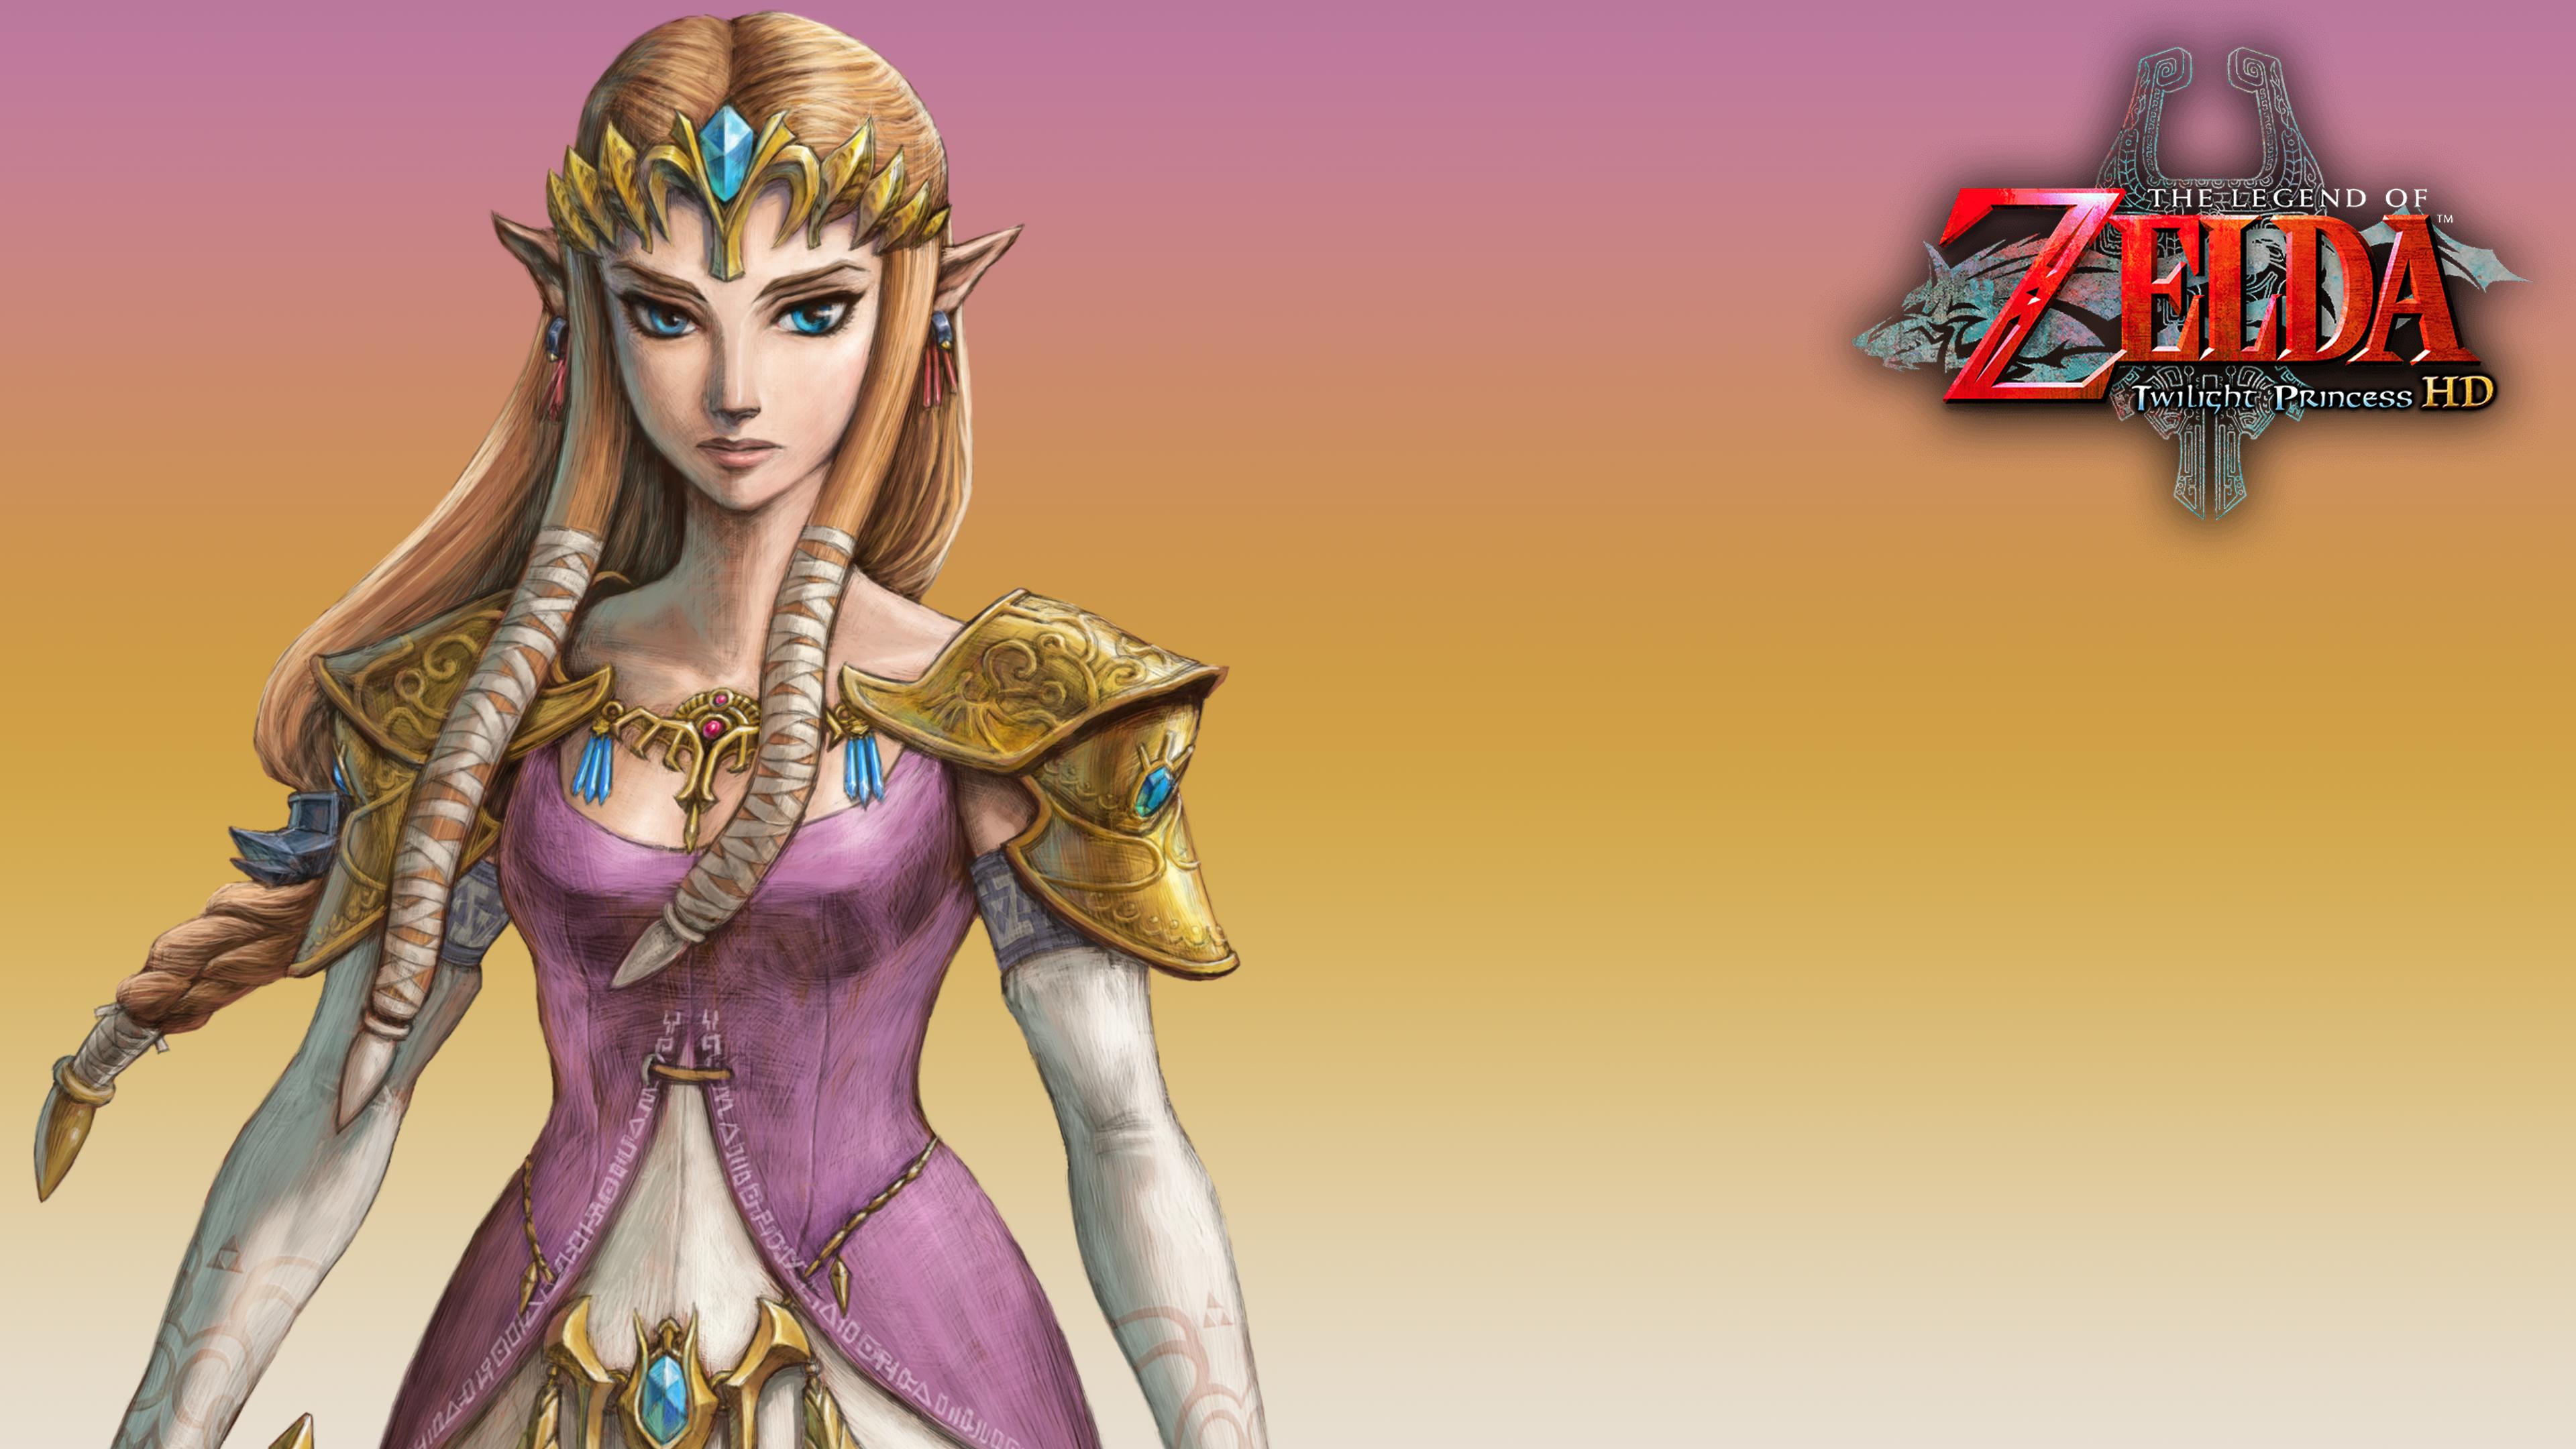 The Legend Of Zelda Twilight Princess Hd Zelda 4k Wallpaper